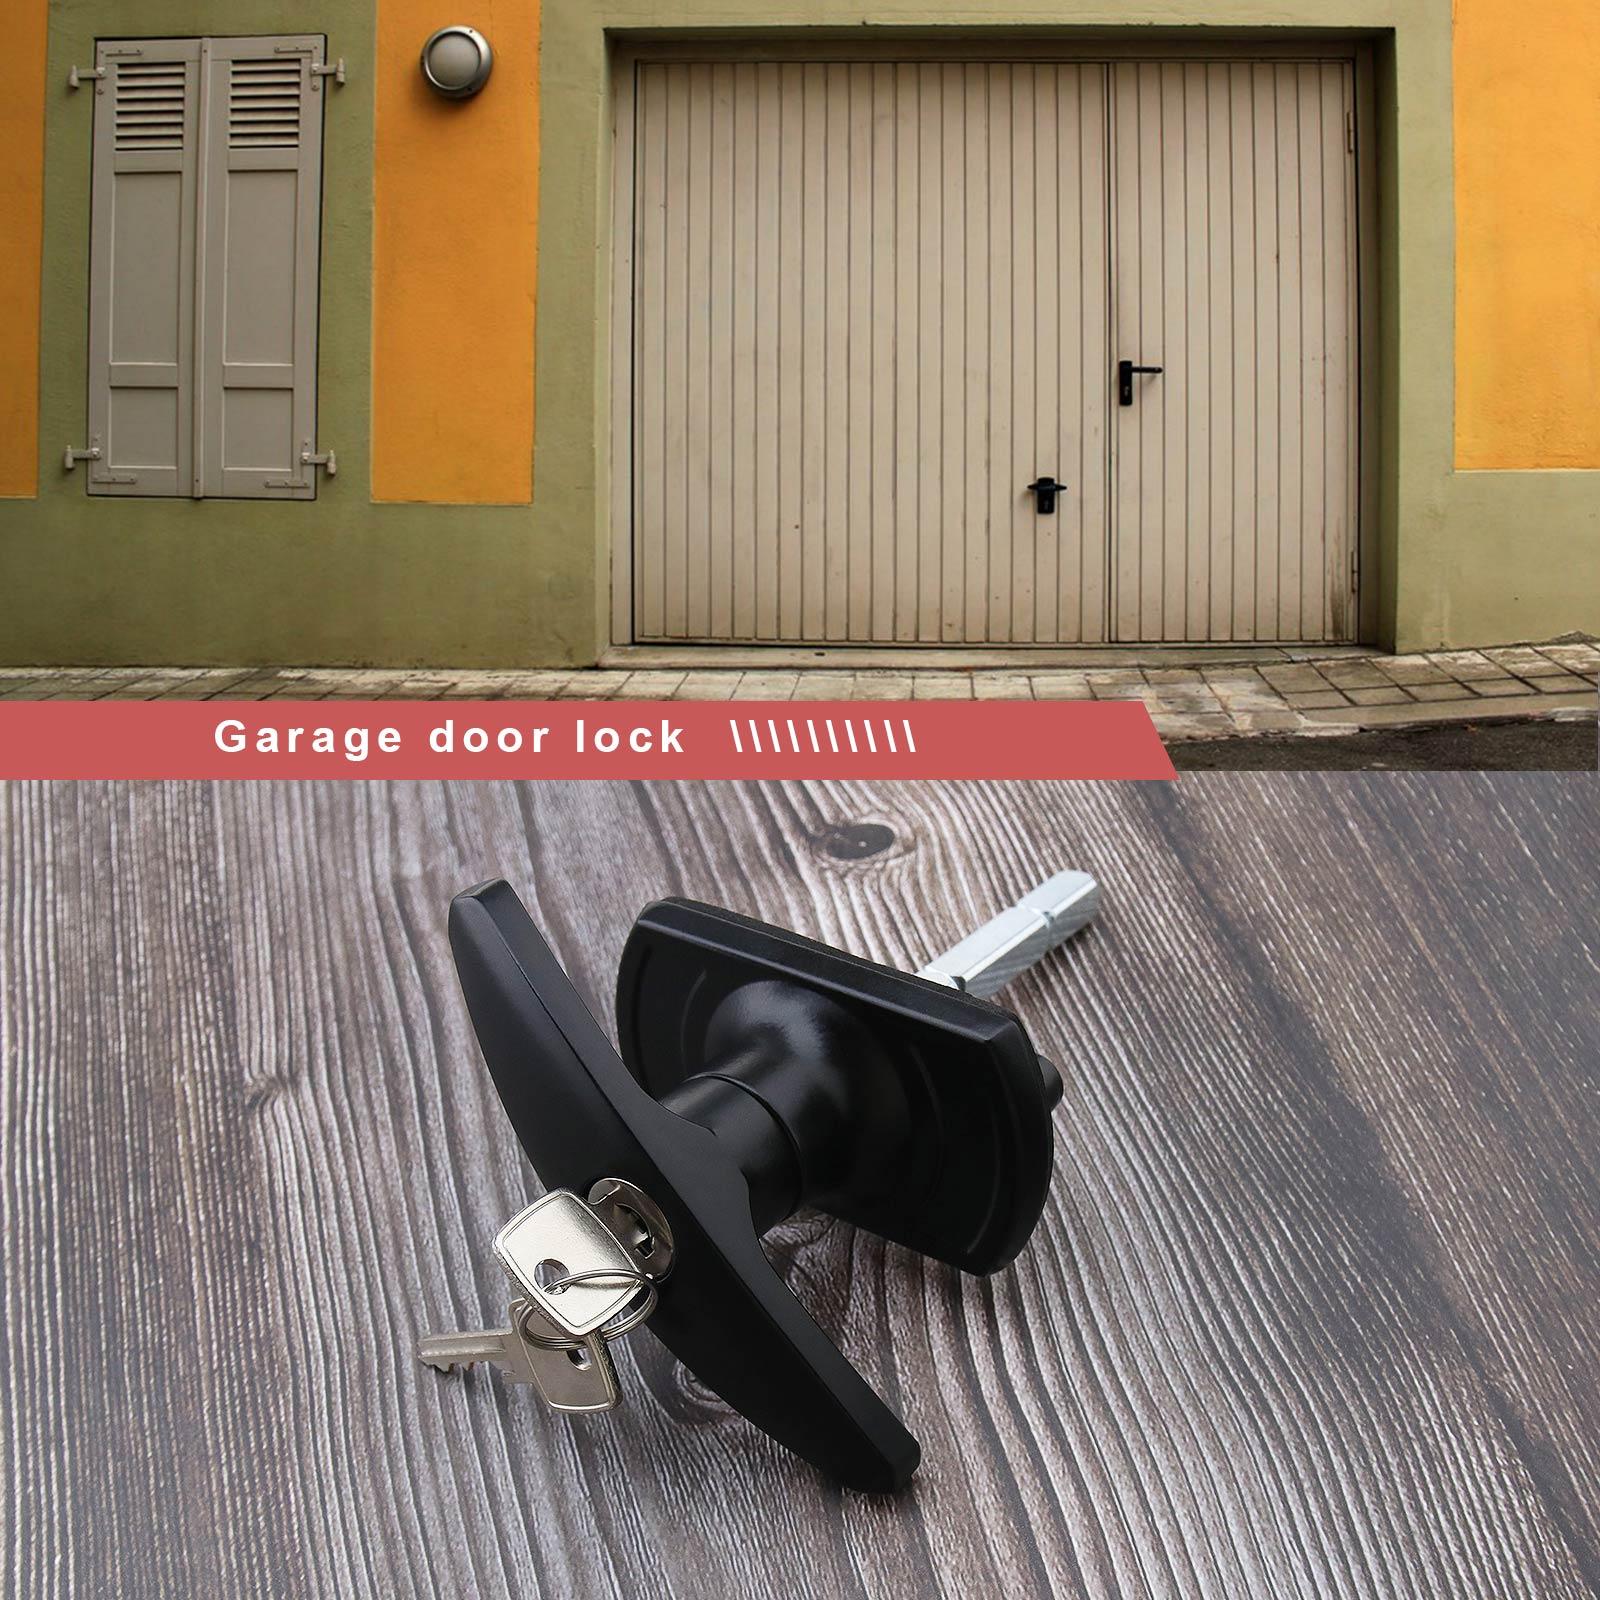 T Handle Black Garage Door Lock 18 35mm Fixing Spigots